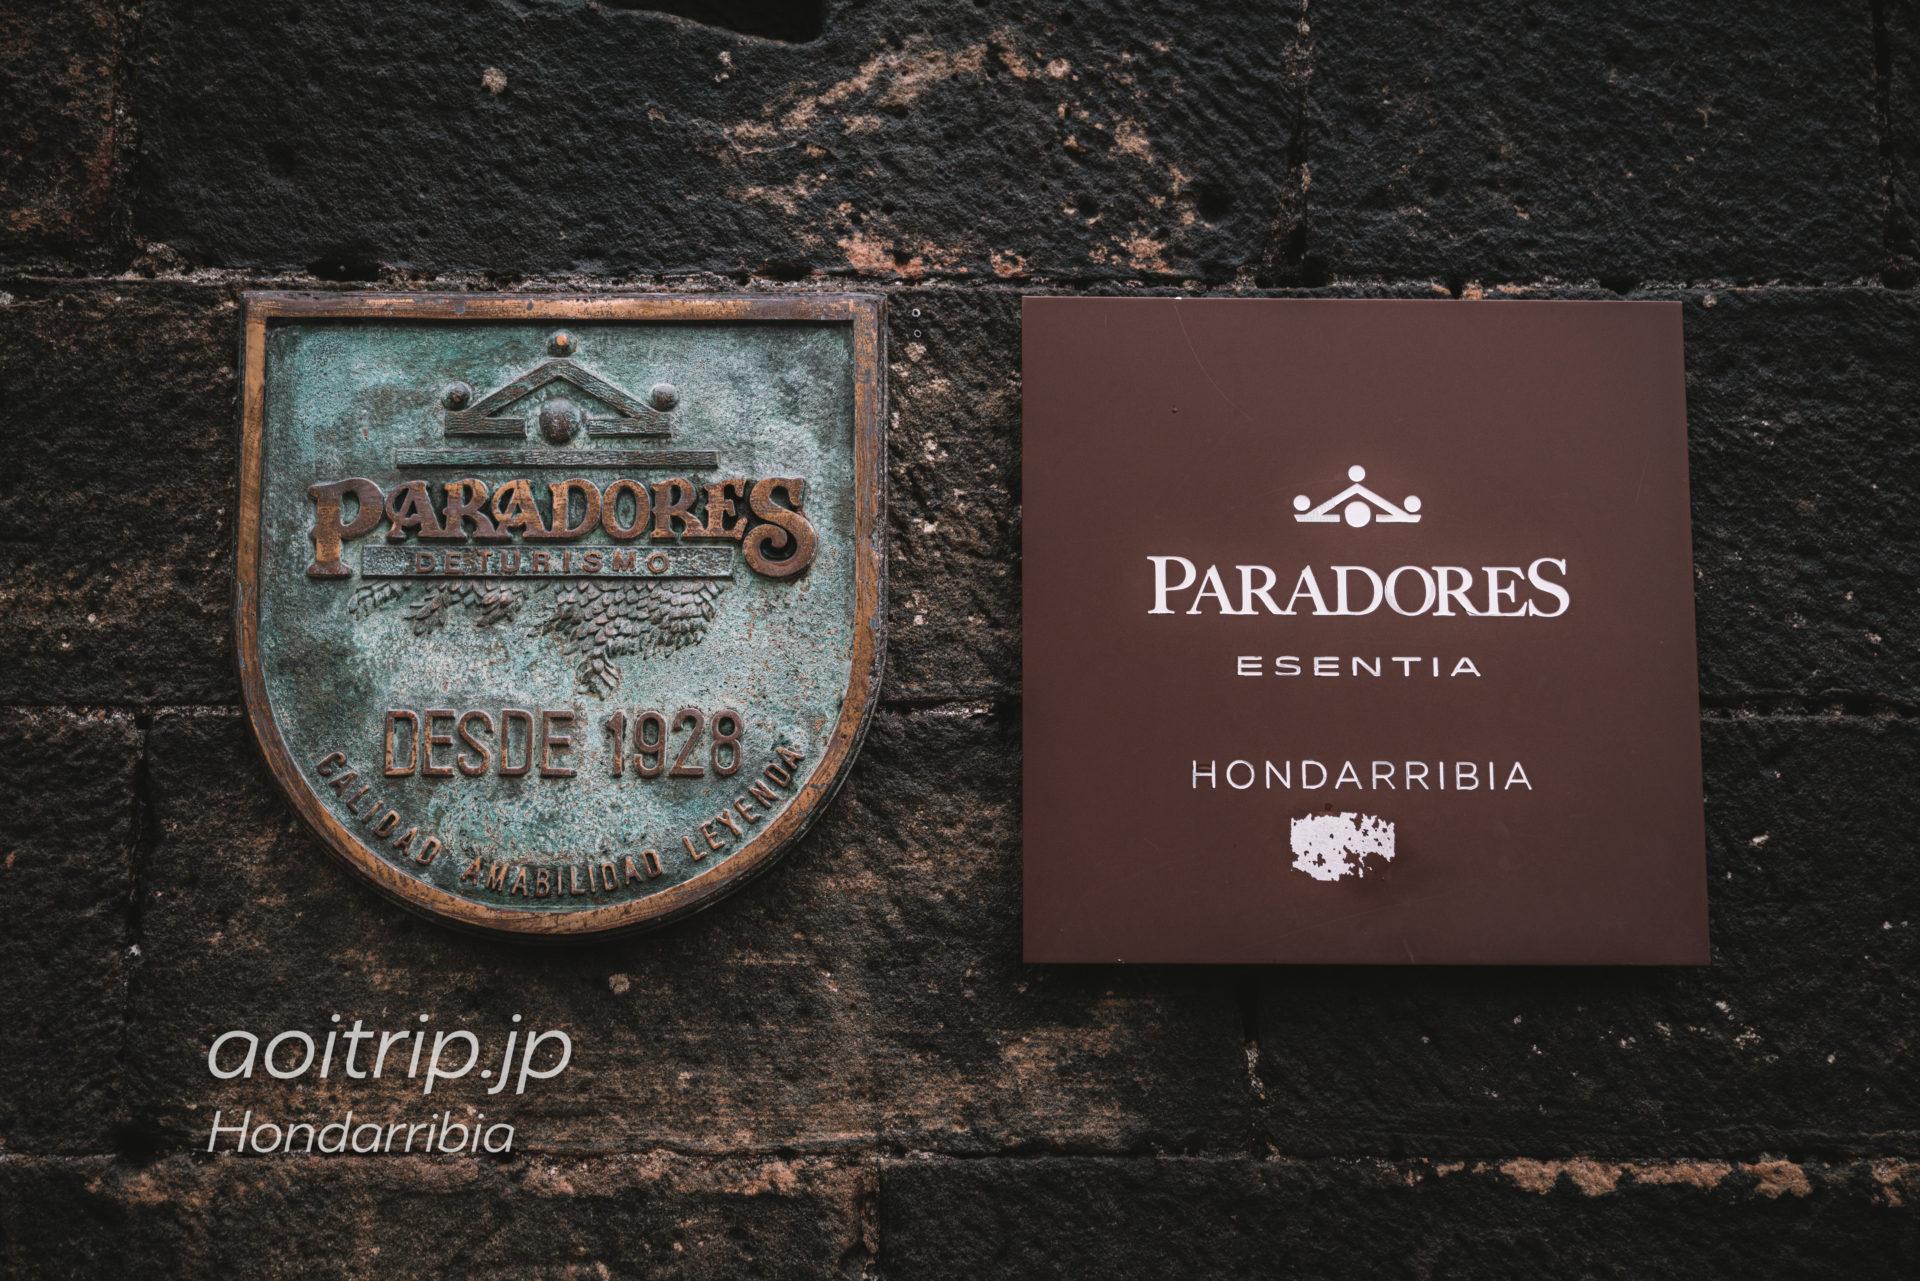 パラドールデオンダリビア